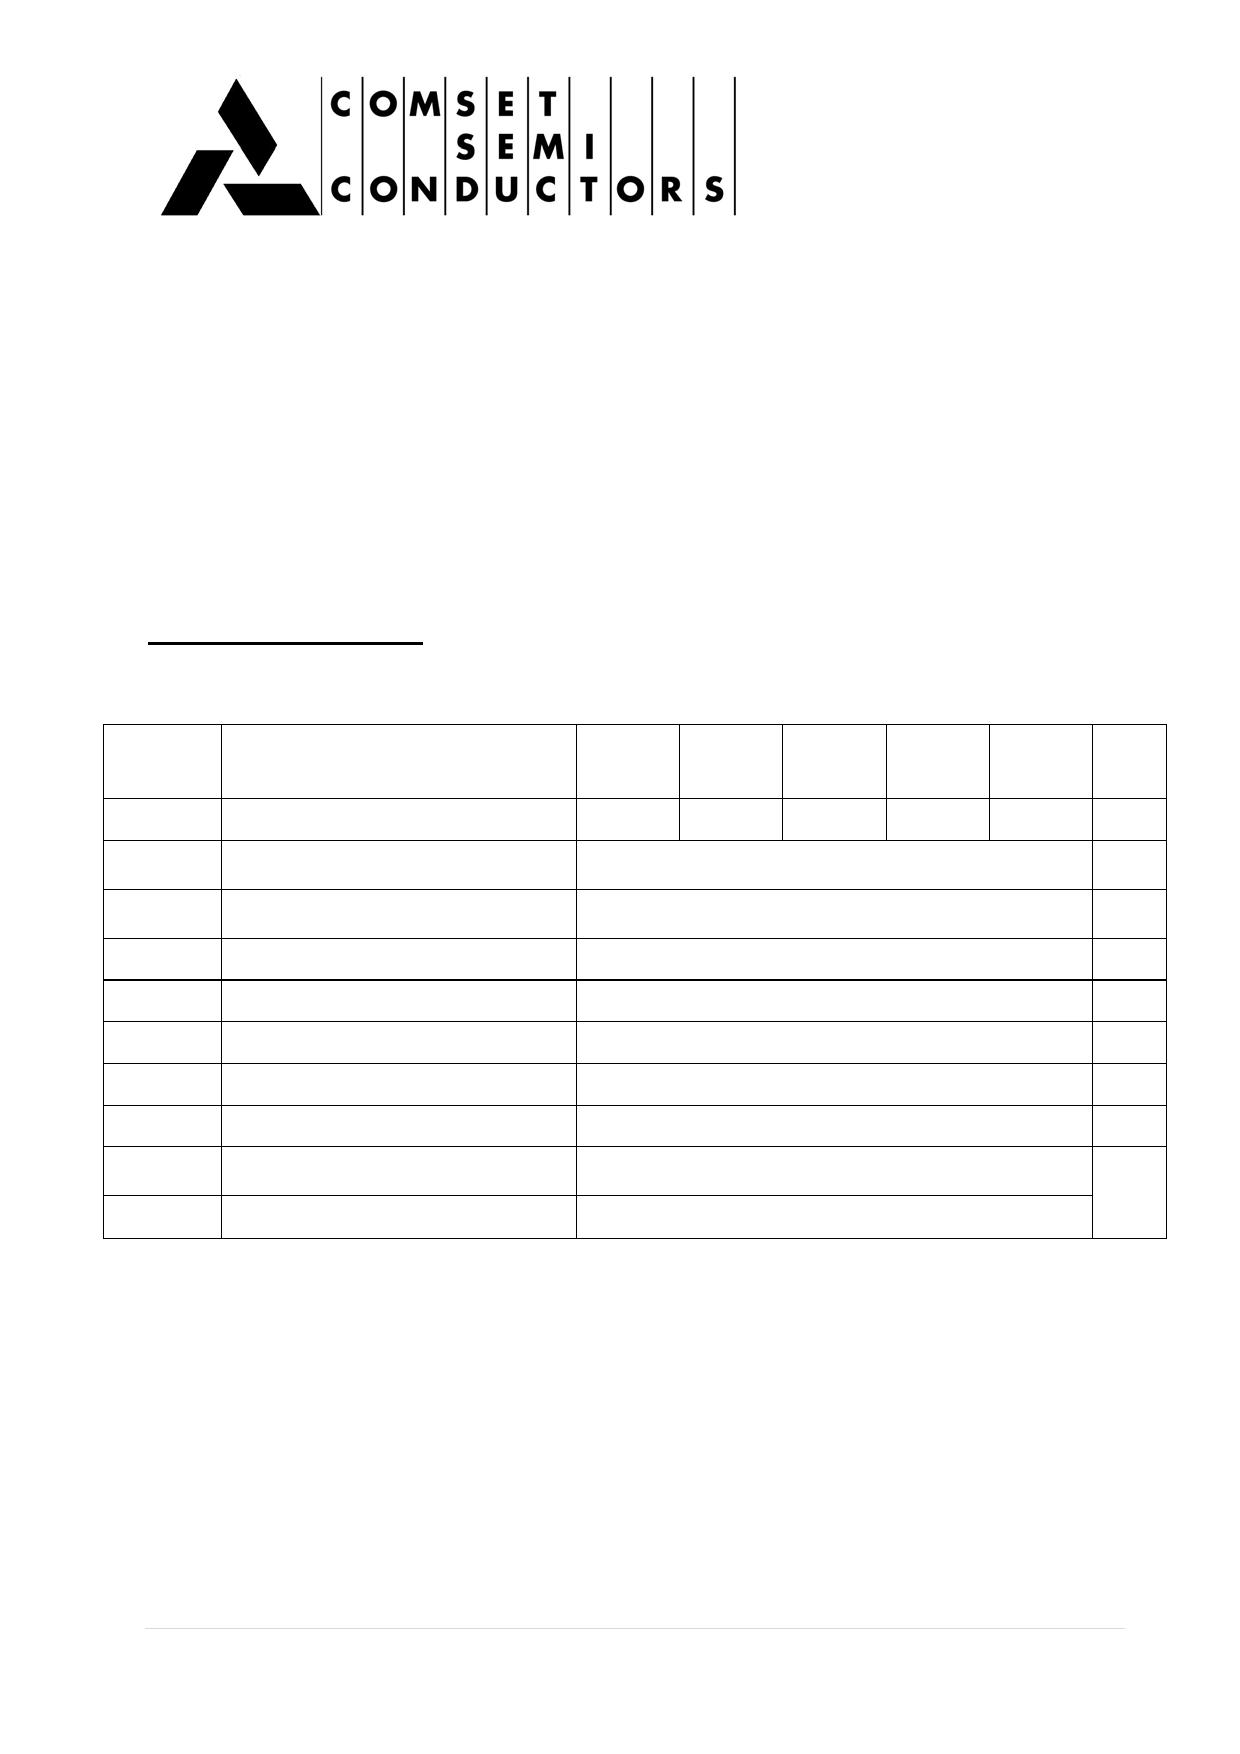 2N1597 Datasheet, 2N1597 PDF,ピン配置, 機能